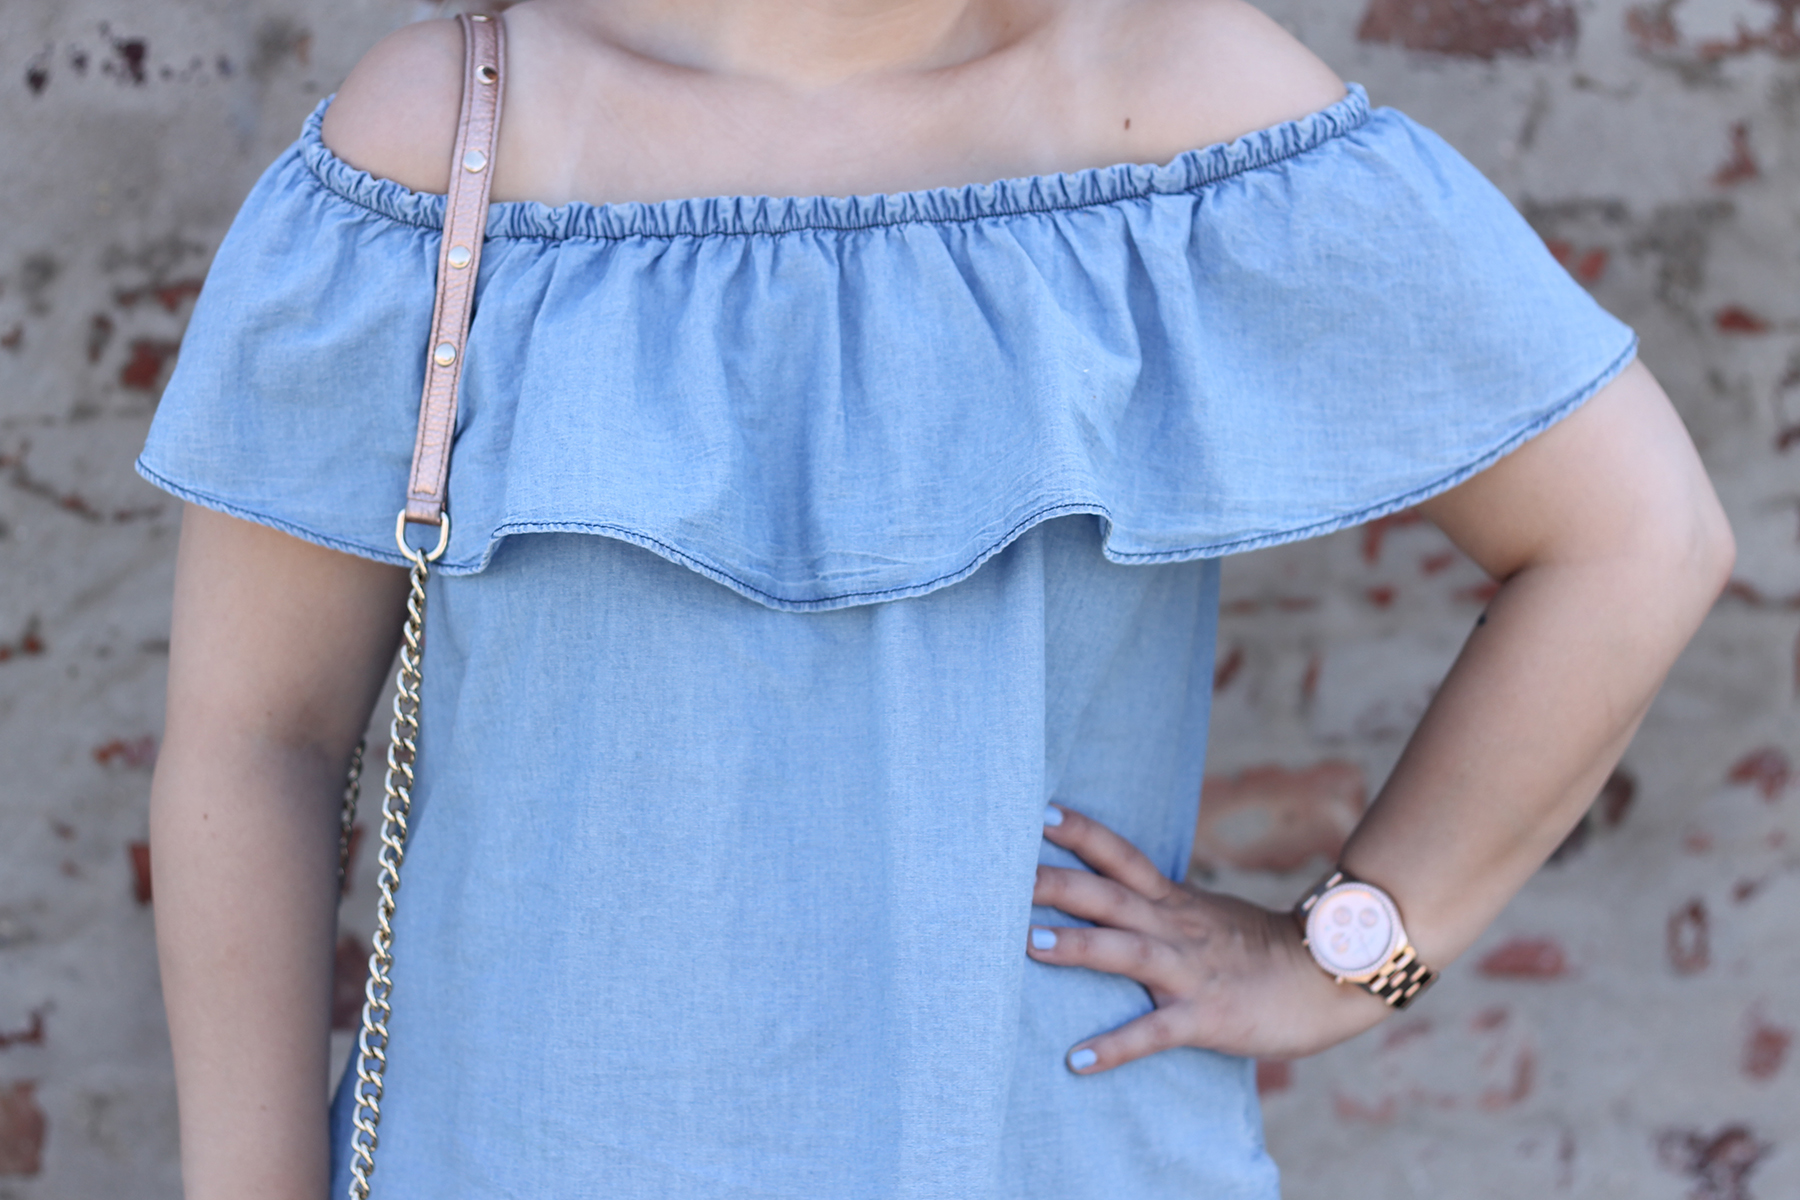 modeblog-fashionblog-outfit-look-style-jeanskleid-rosegold-tasche-rebecca-minkoff-mar-jacobs-uhr